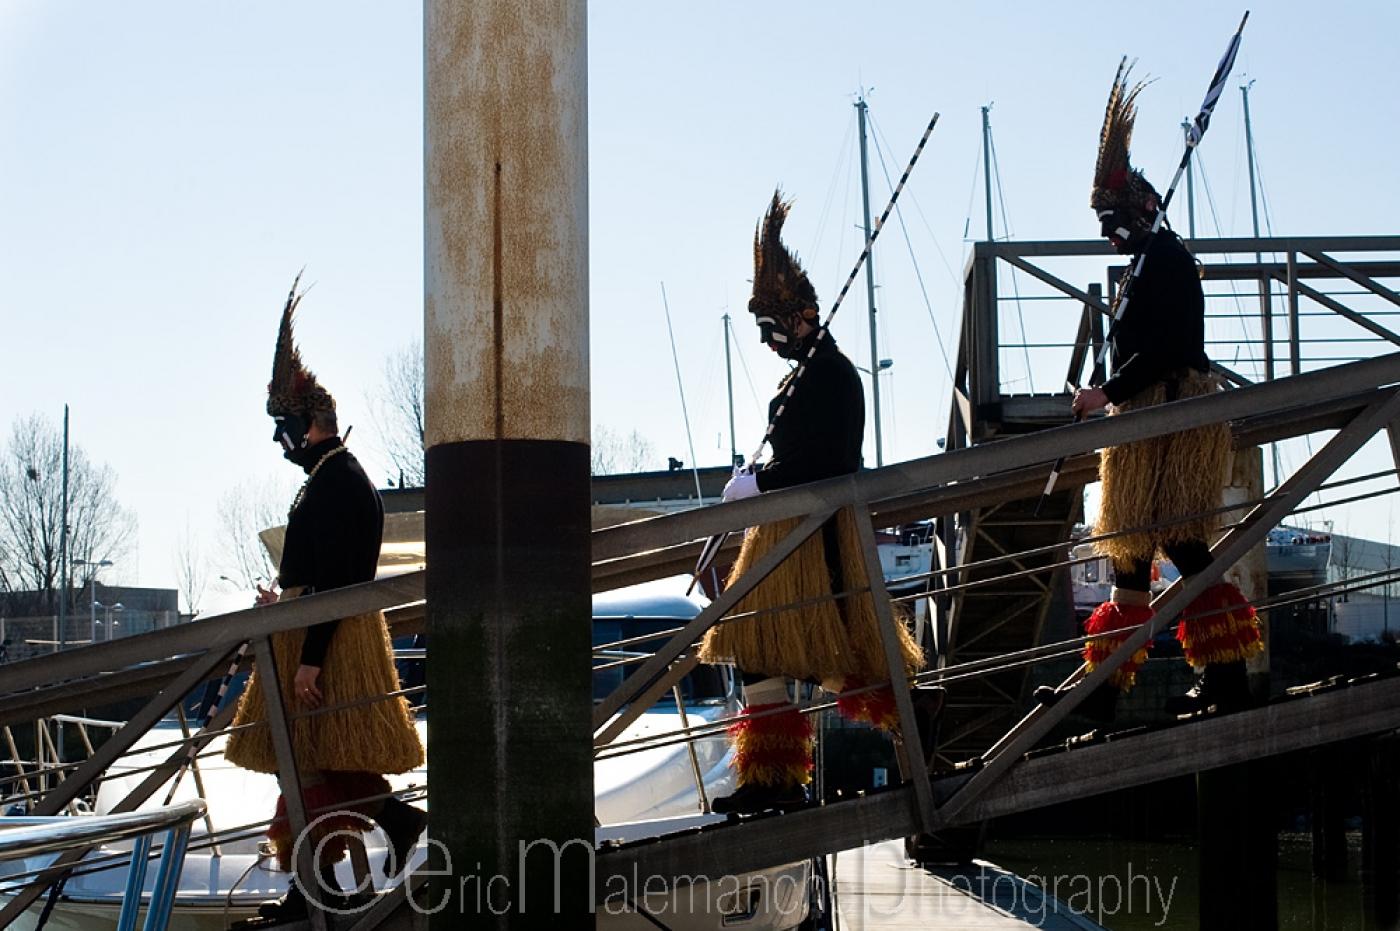 http://www.ericmalemanche.com/imagess/topics/carnaval-de-dunkerque/liste/Carnaval-Dunkerque-1135.jpg